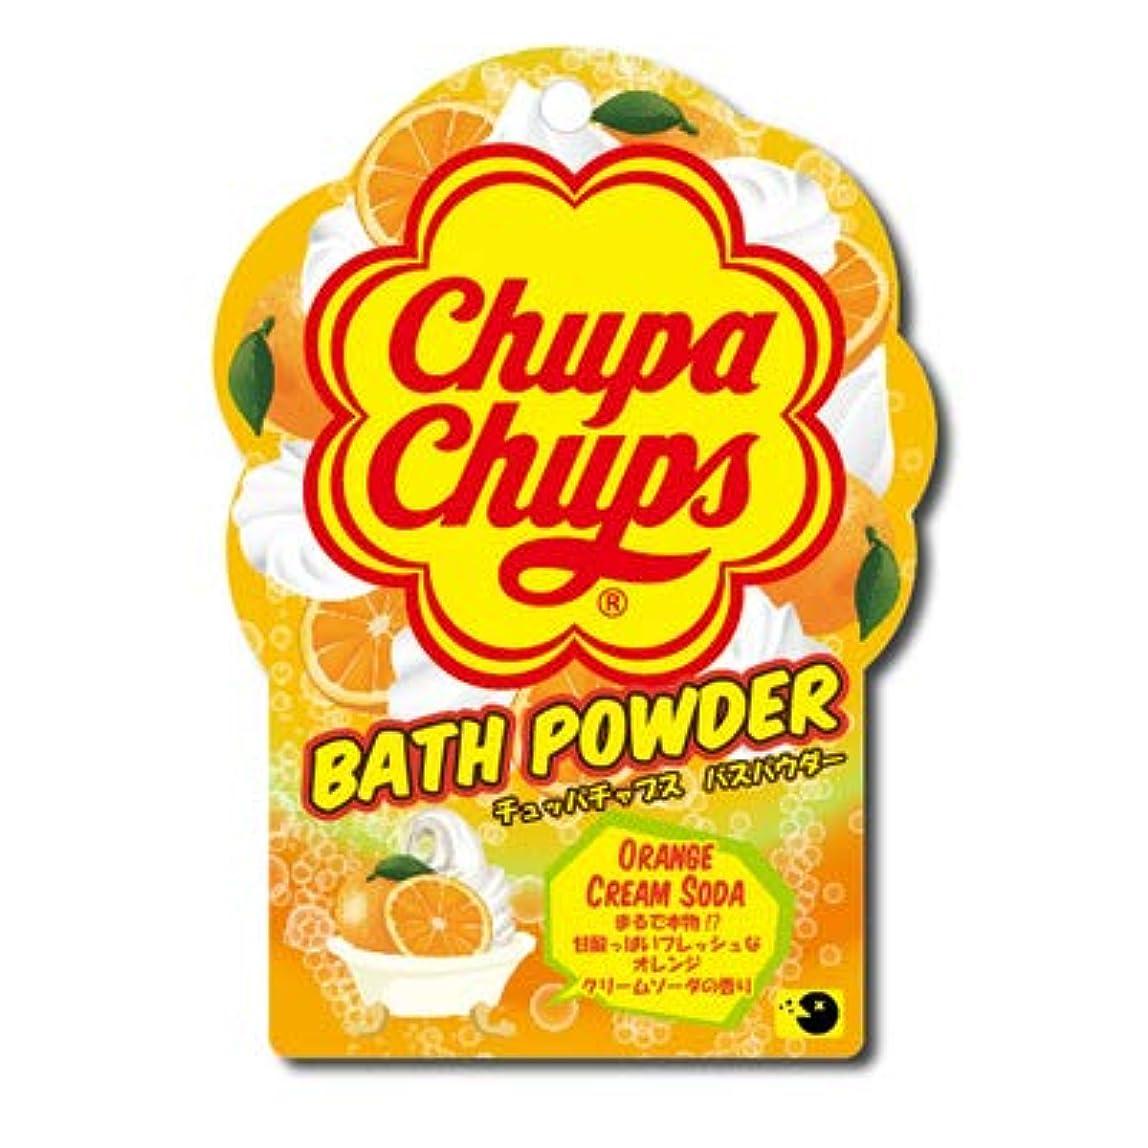 もつれ流体ペア【まとめ買い3個セット】 チュッパチャプスバスパウダー オレンジクリームソーダ